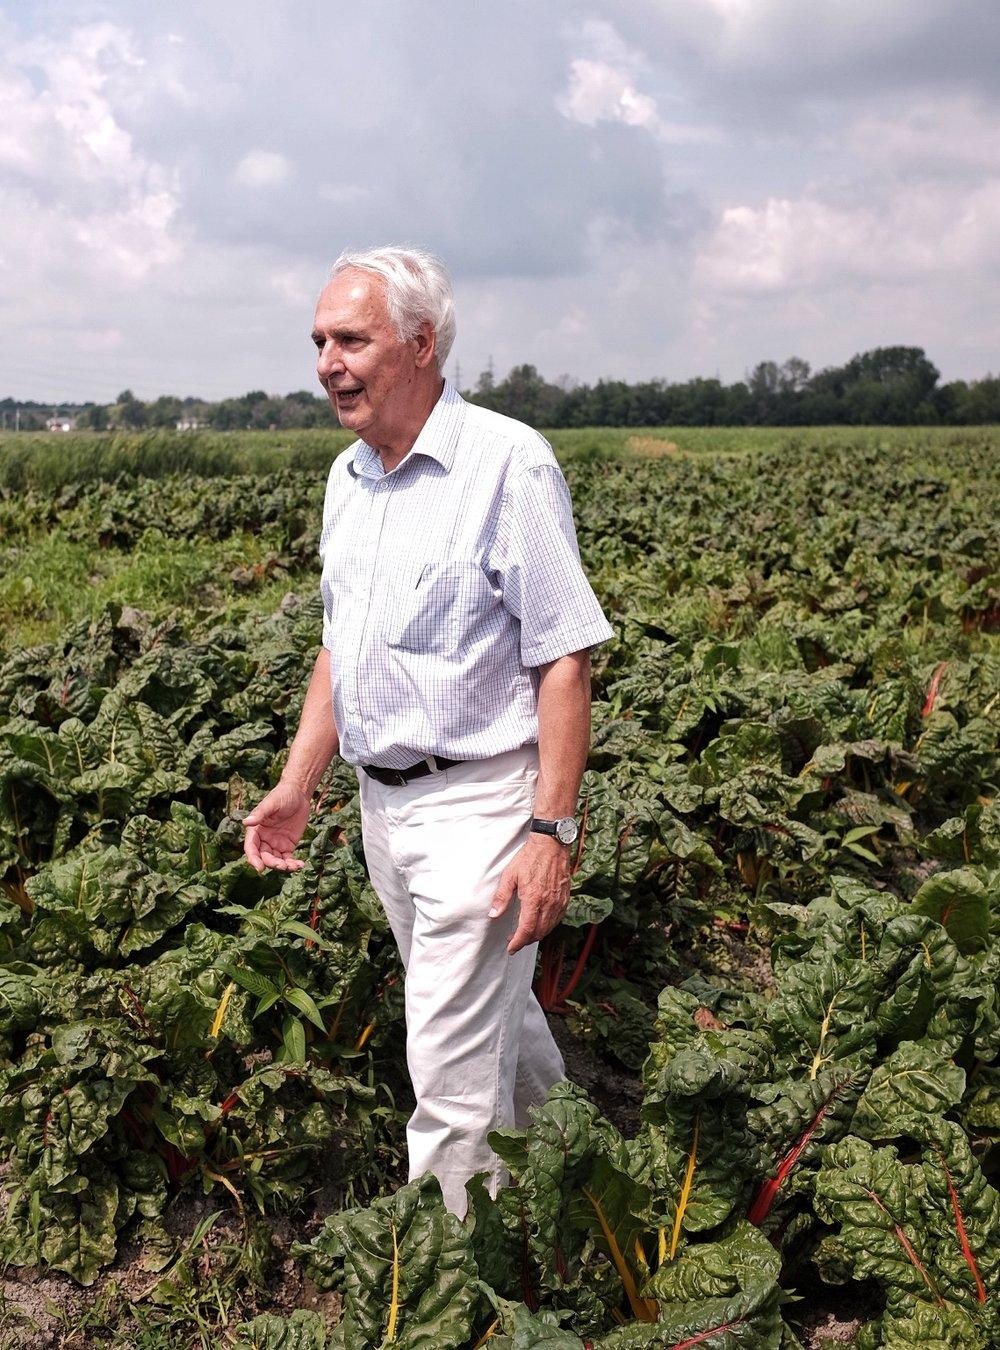 M. Trudeau, un visionnaire qui a transformé la ferme laitière de ses parents (en exploitation depuis 1850), dans ses champs de bette à carde arc-en-ciel...